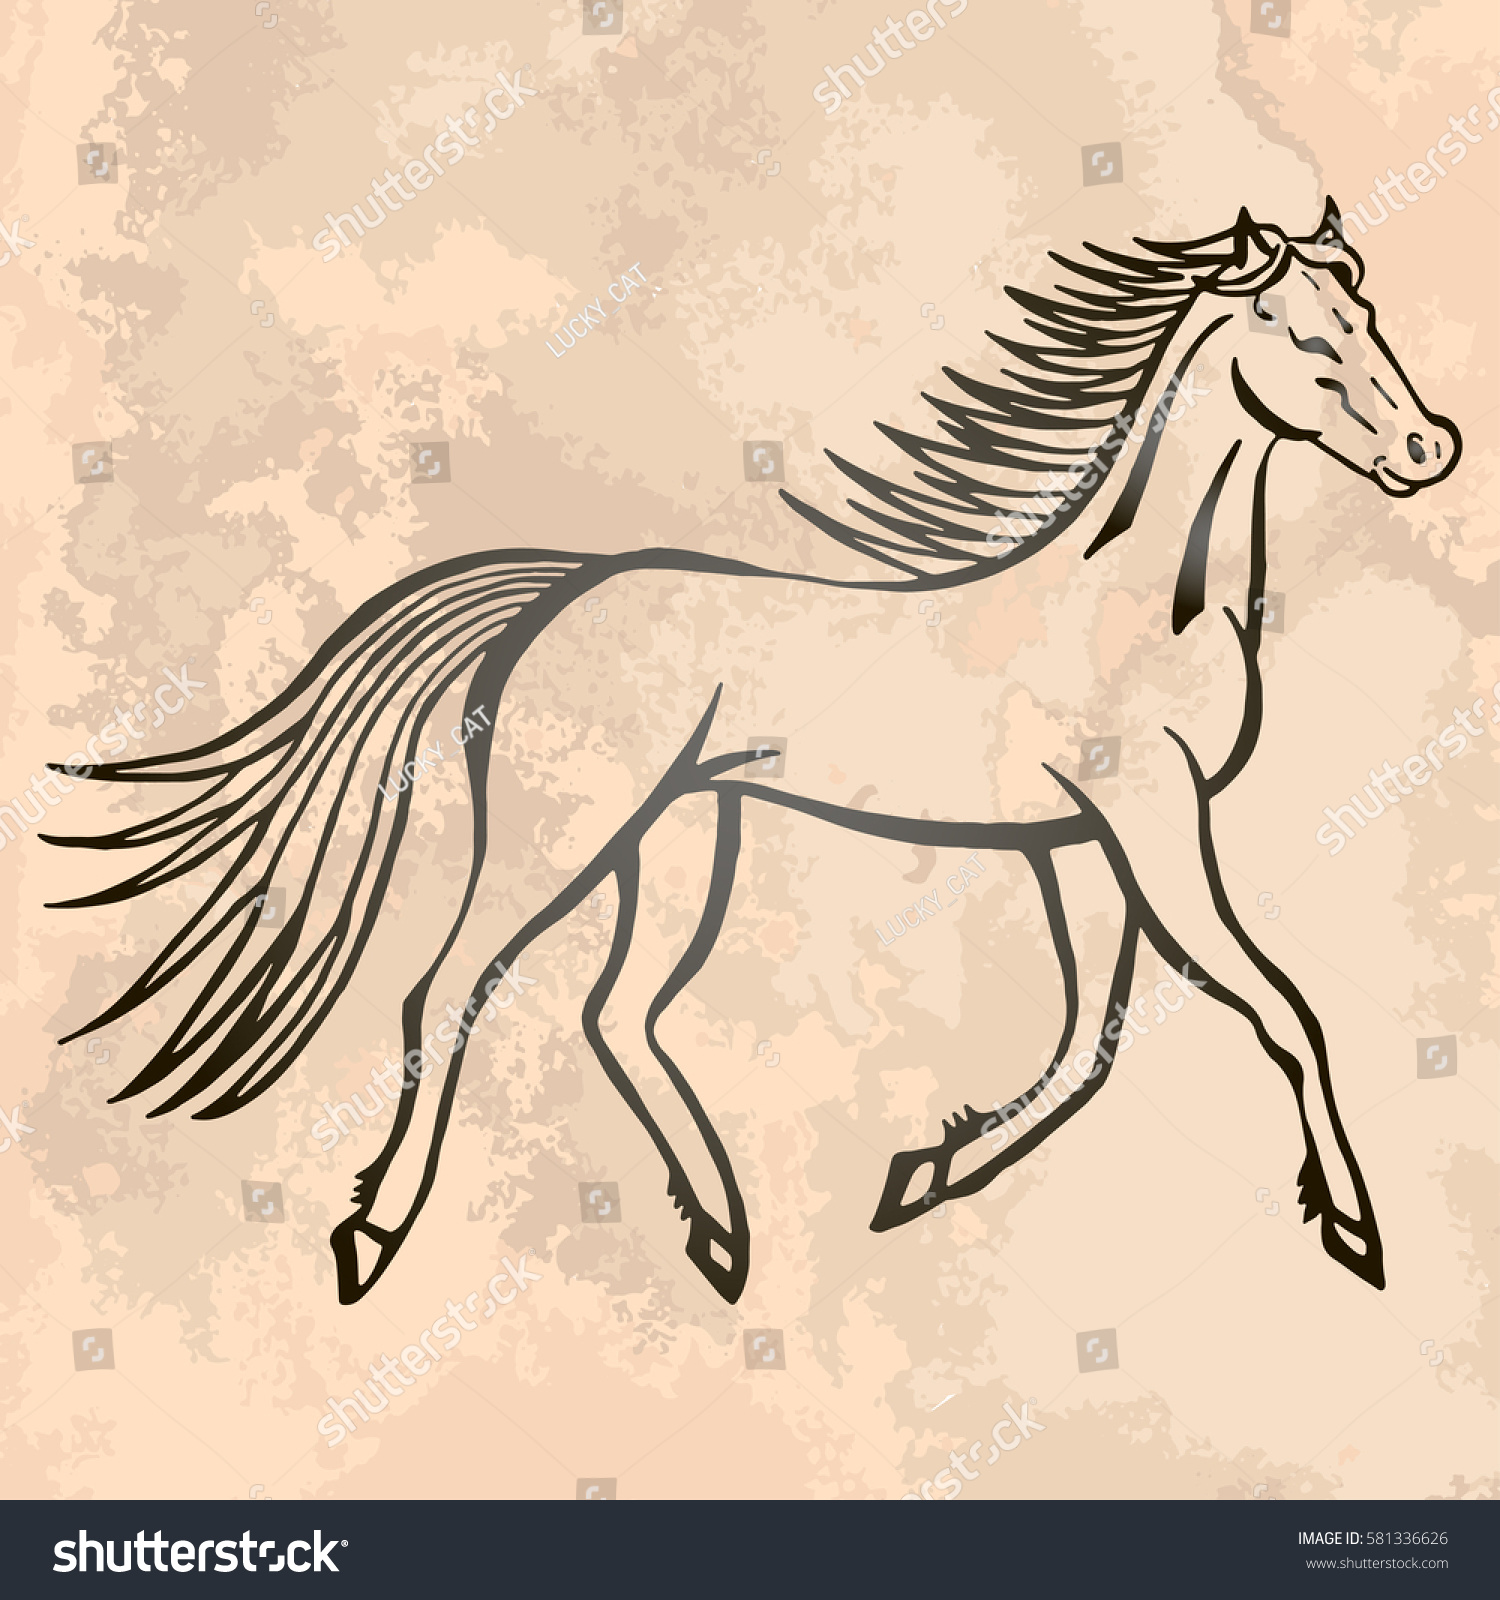 Vector De Stock Libre De Regalias Sobre Illustration Hand Drawn Running Wild Horse581336626